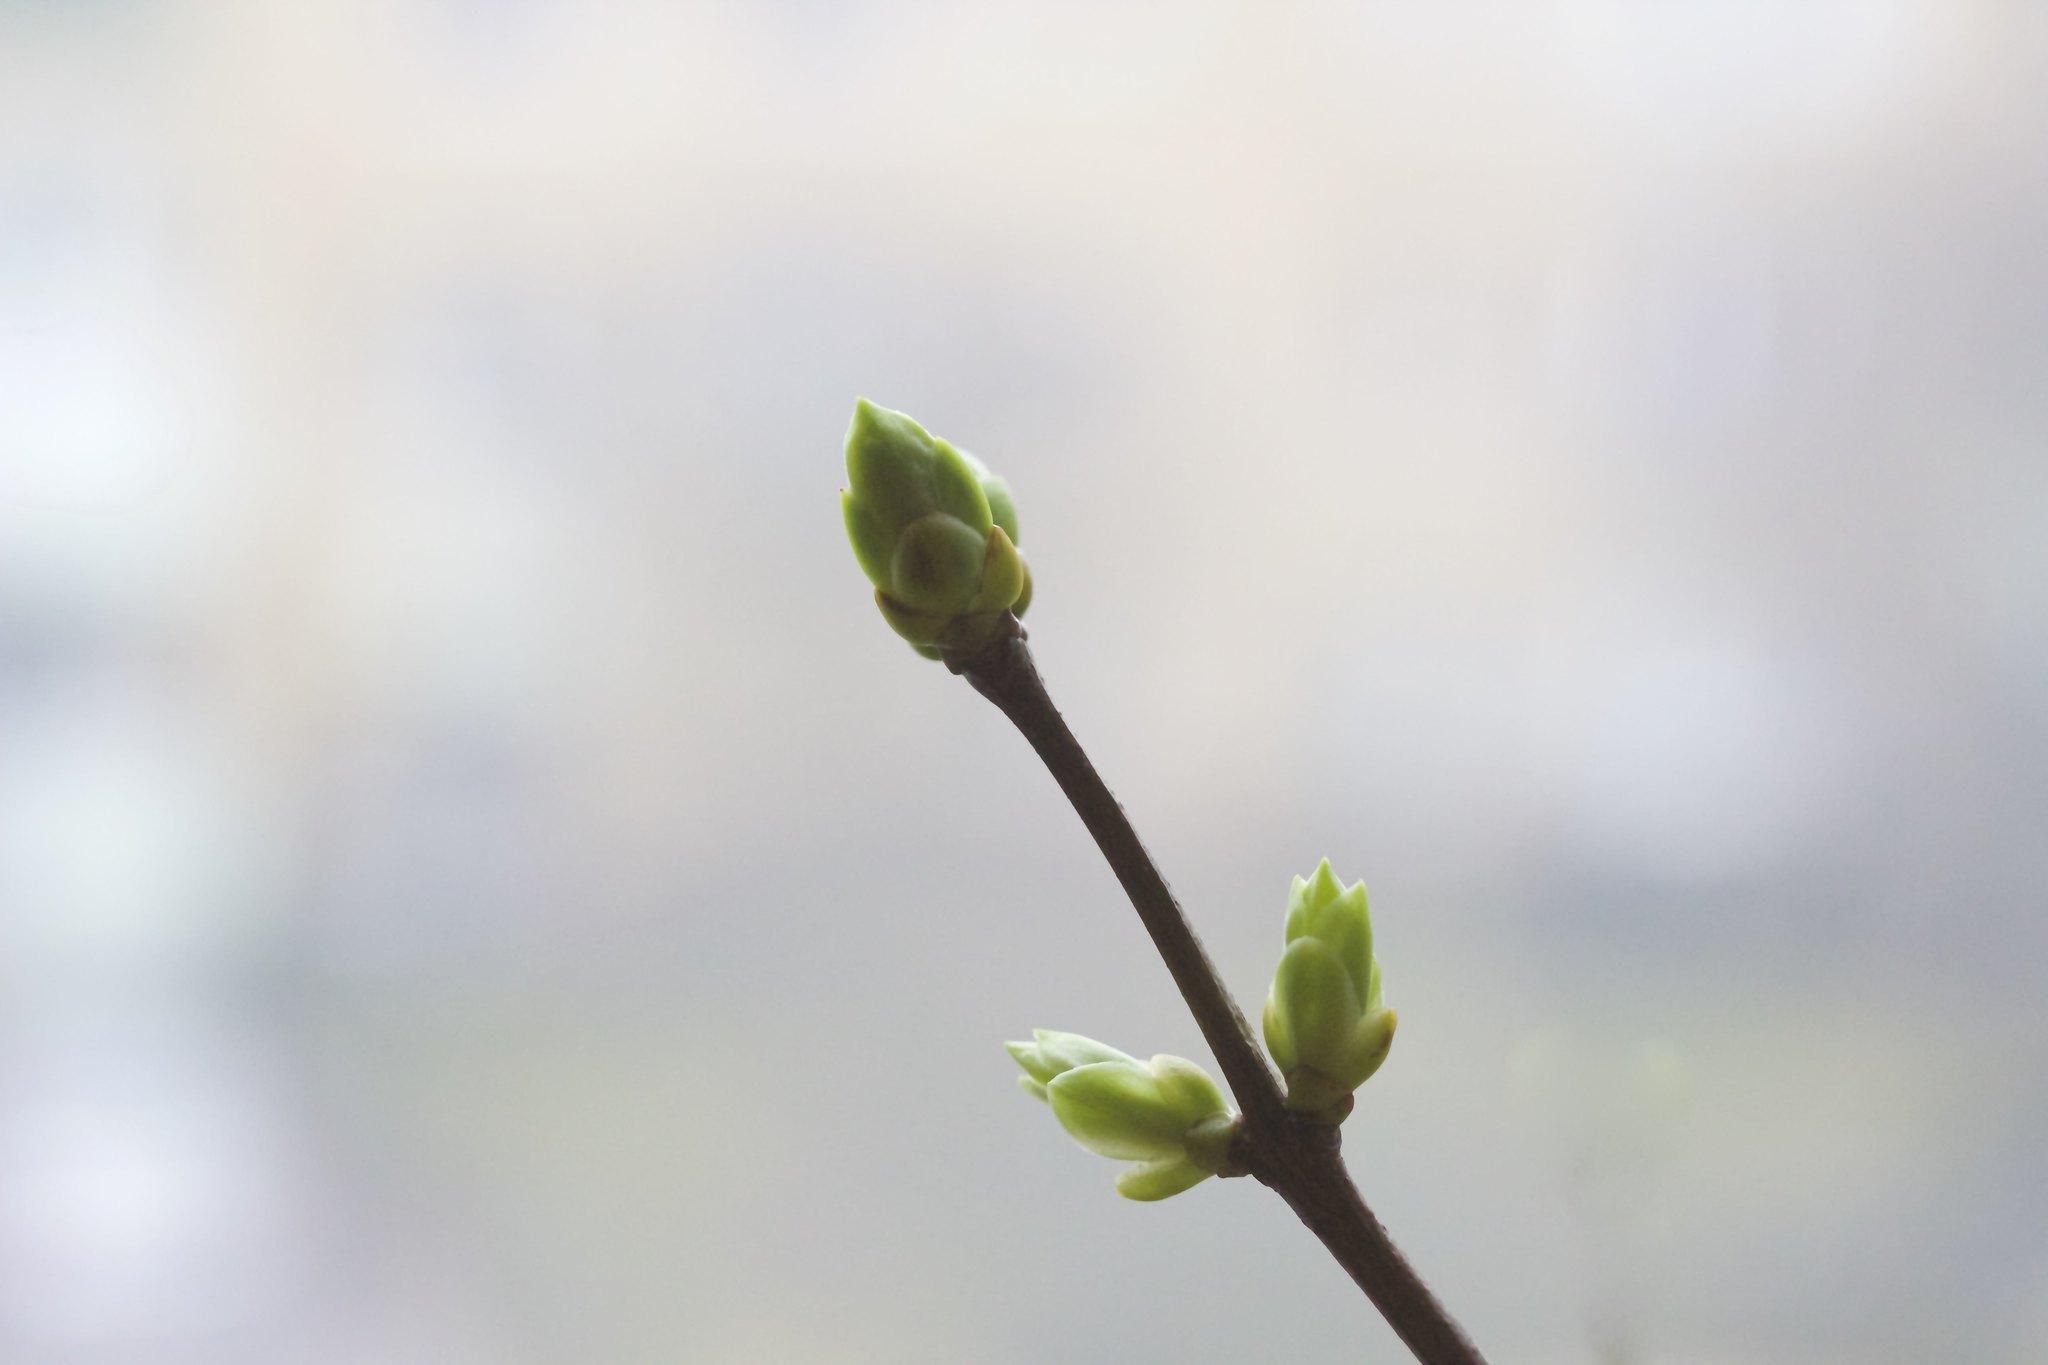 Branch of spring